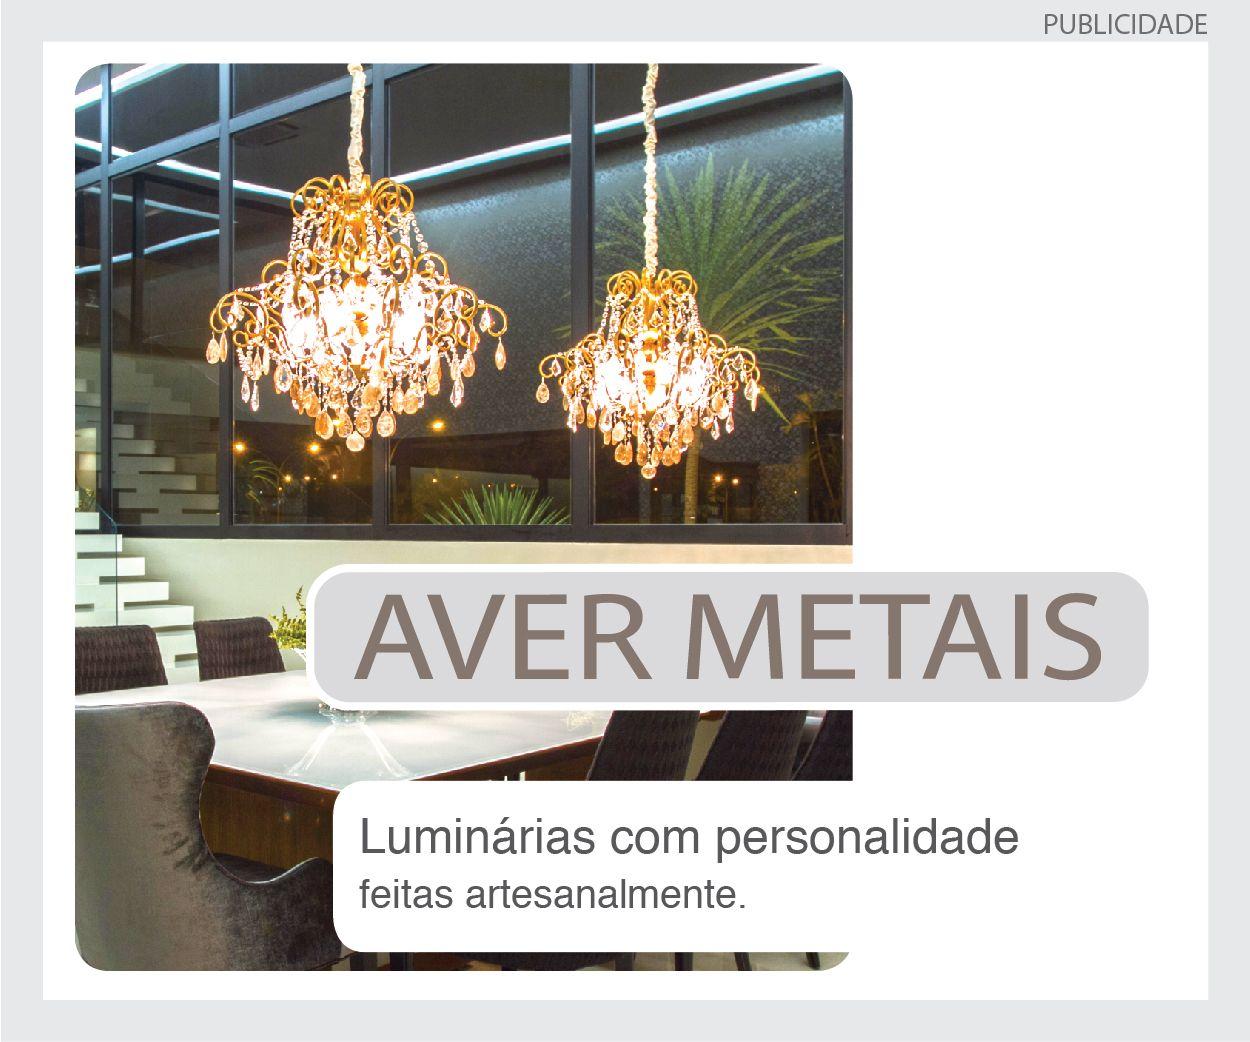 AVER METAIS -luminárias personalizadas feitas sob medida